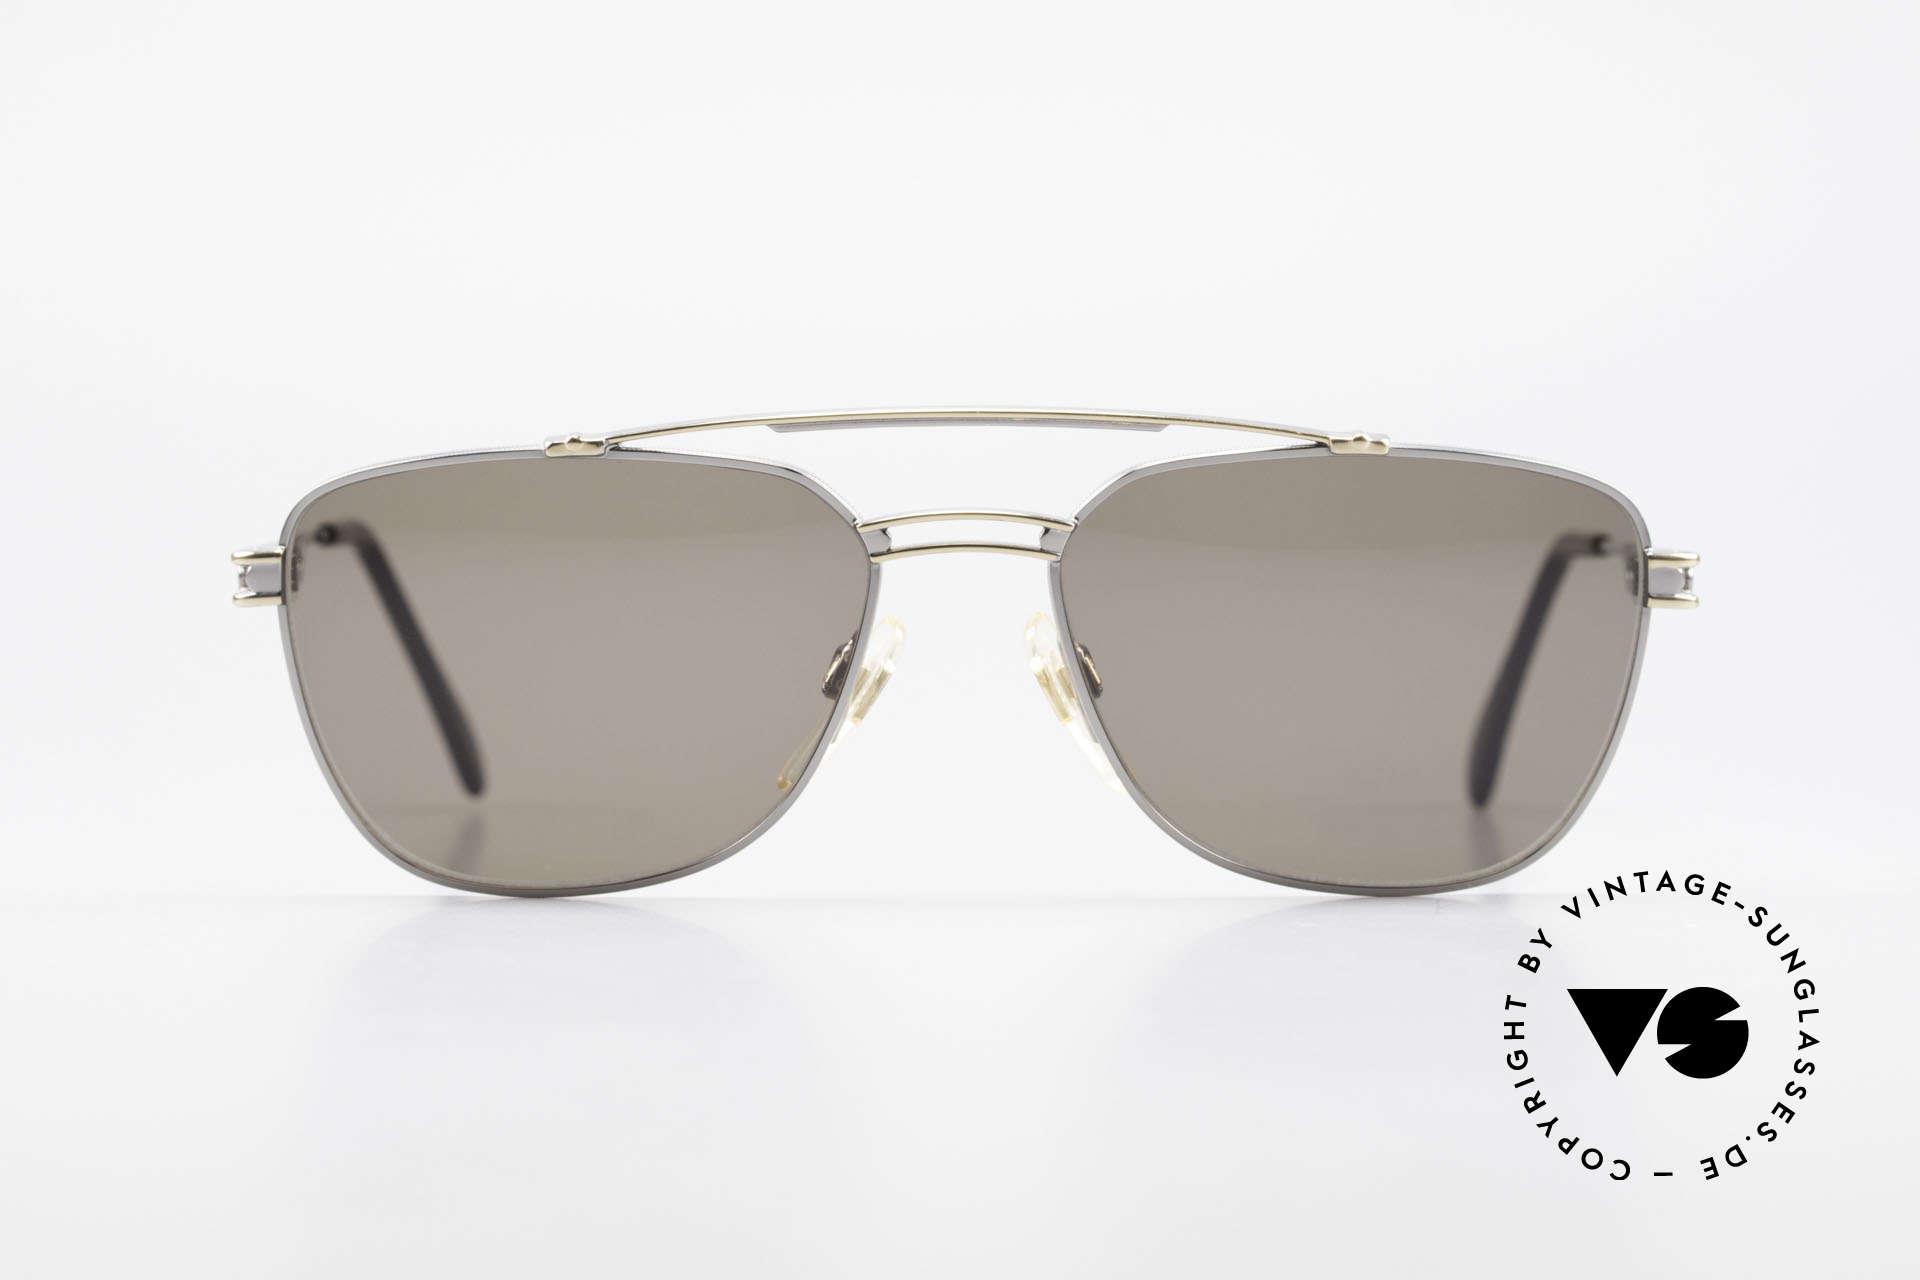 Davidoff 708 Elegante Herren Sonnenbrille, solide Verarbeitung der alten Brillenkunst, Top-Qualität, Passend für Herren